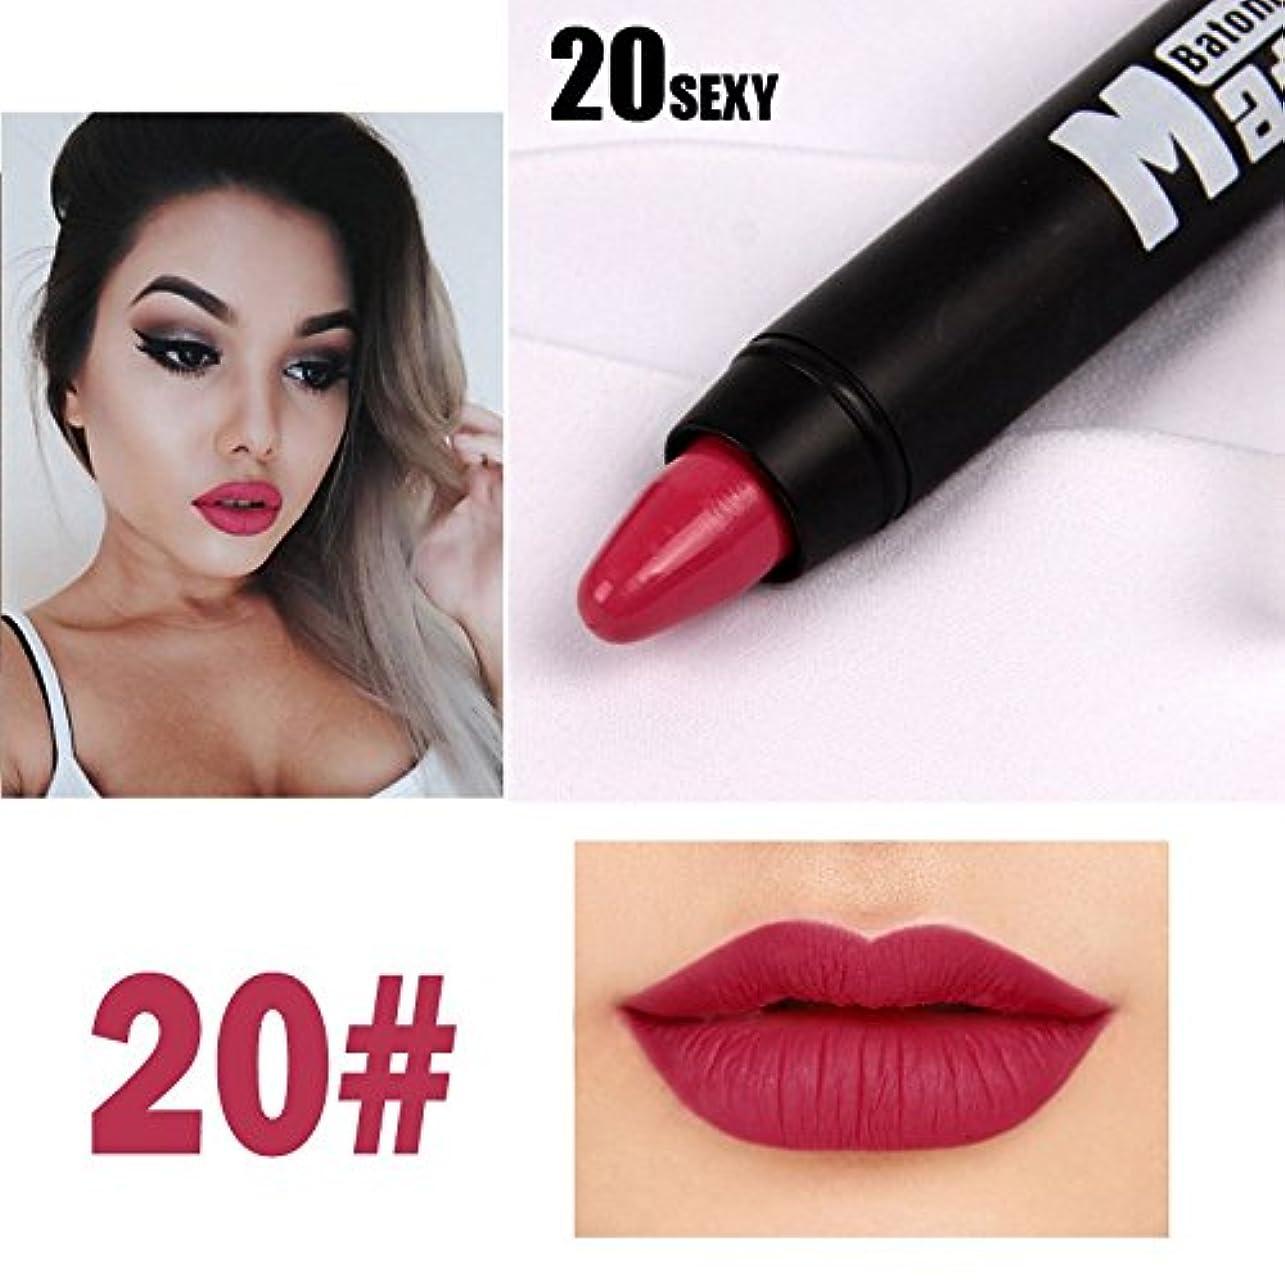 変色する手つかずのオーバーコートMISS ROSE Professional Women Waterproof Lipstick Lips Cream Beauty Lote Batom Matte Lipstick Nude Pencils Makeup